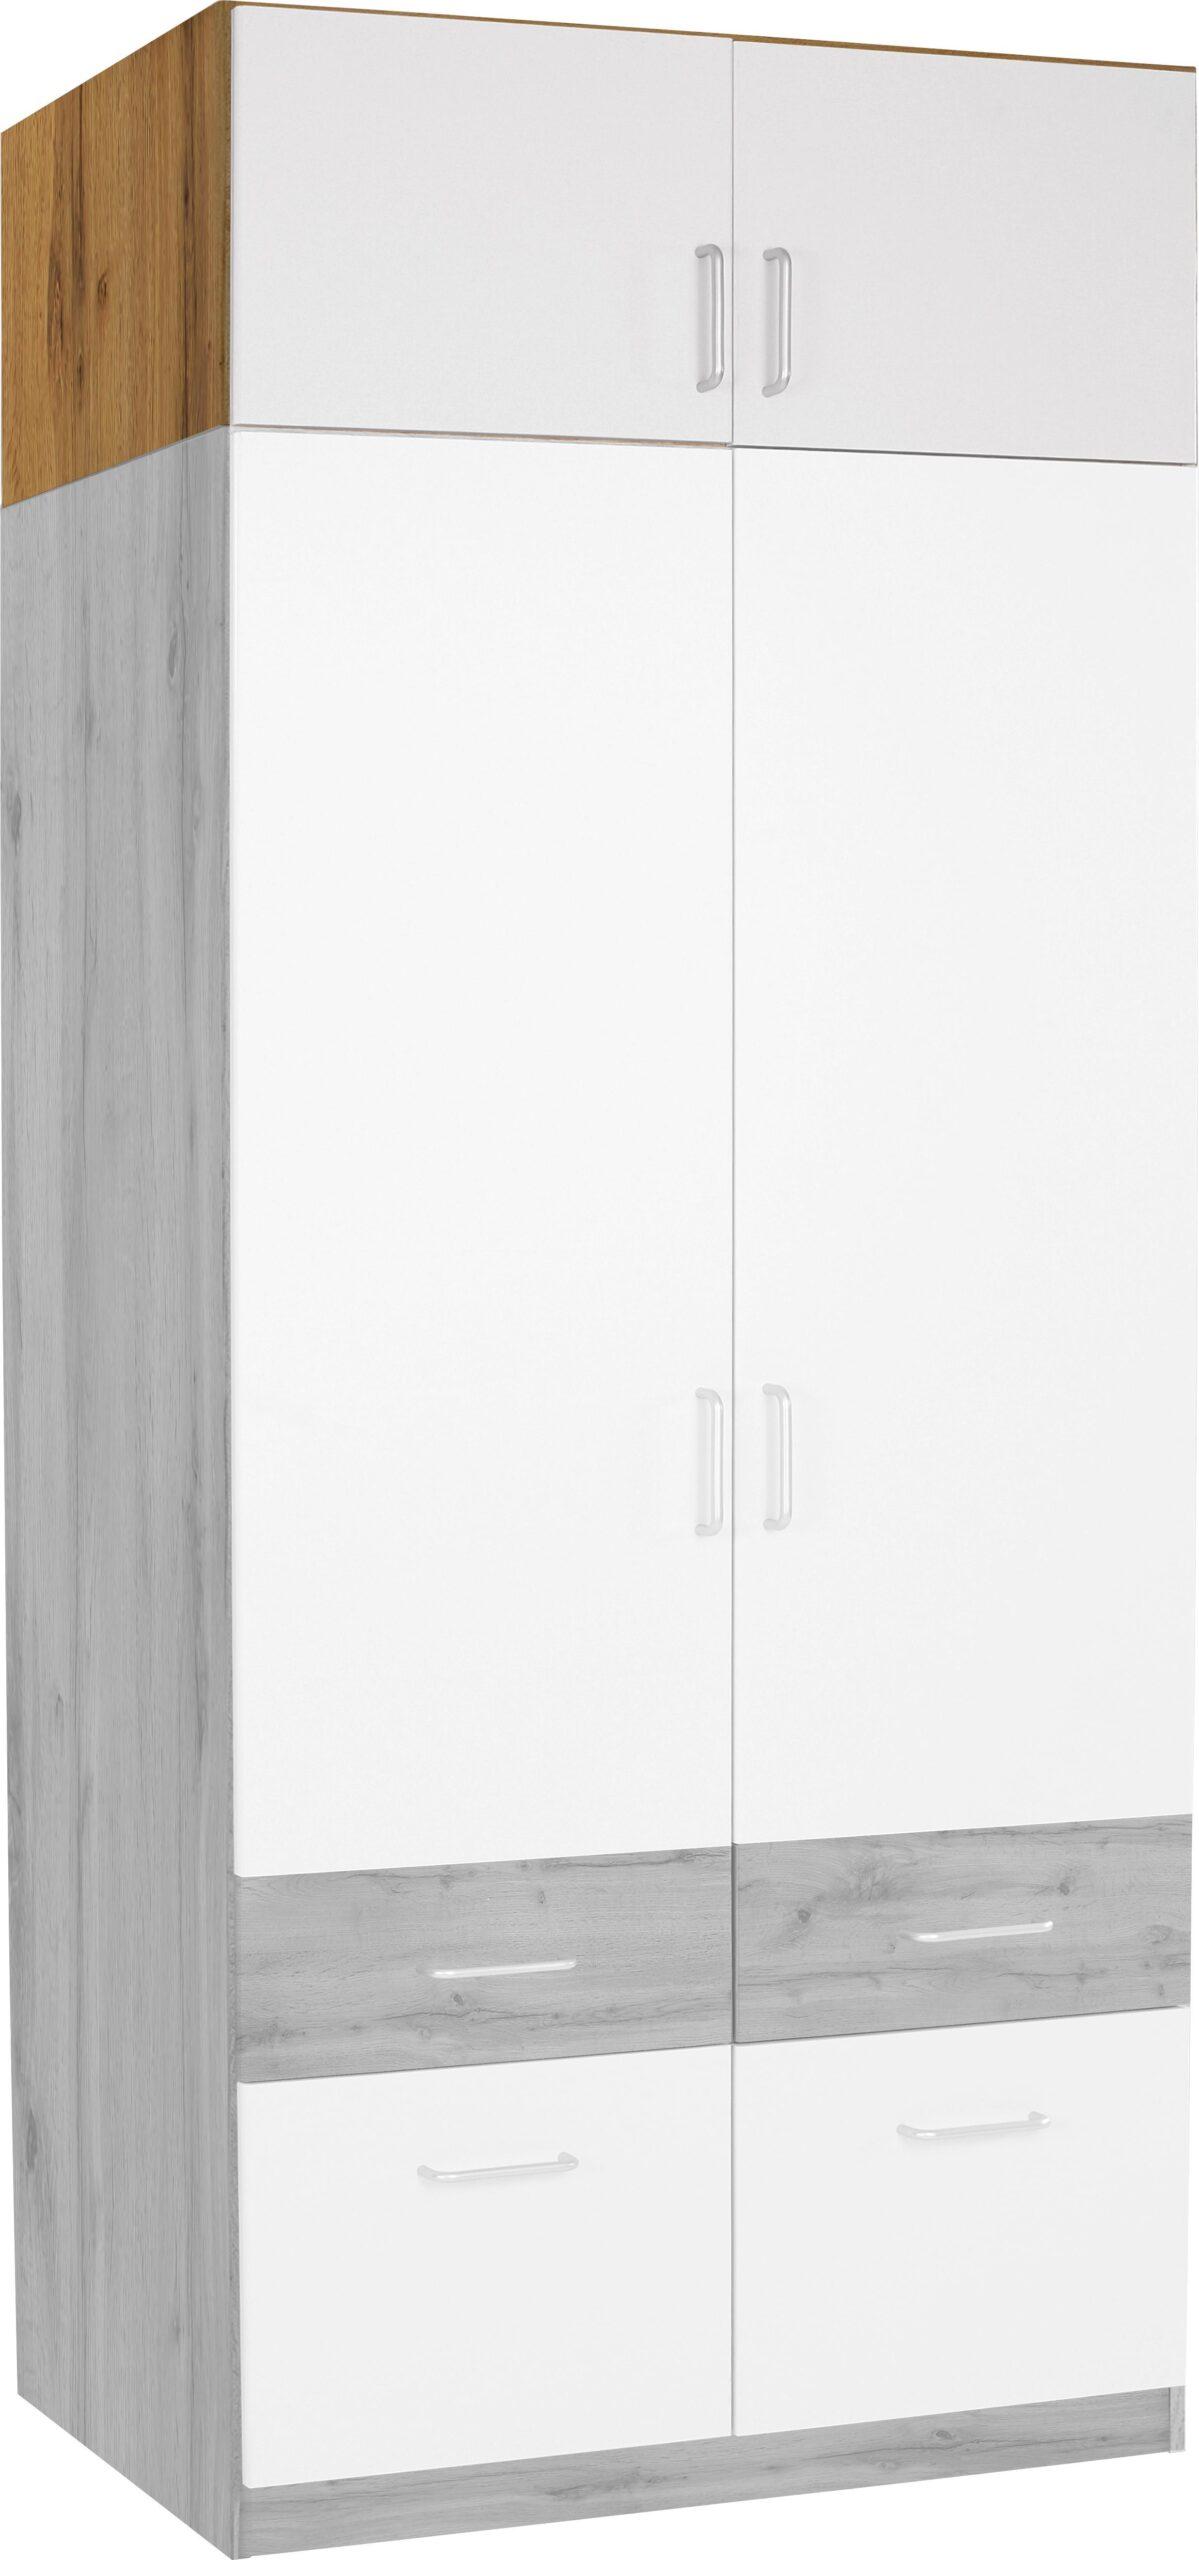 Full Size of Rollo Aufsatzschrank Kuche Spüle Küche Weiß Matt L Form Pantryküche Mit Kühlschrank Schwarze Miniküche Einbauküche Ohne Selber Planen Einhebelmischer Wohnzimmer Aufsatz Jalousieschrank Küche